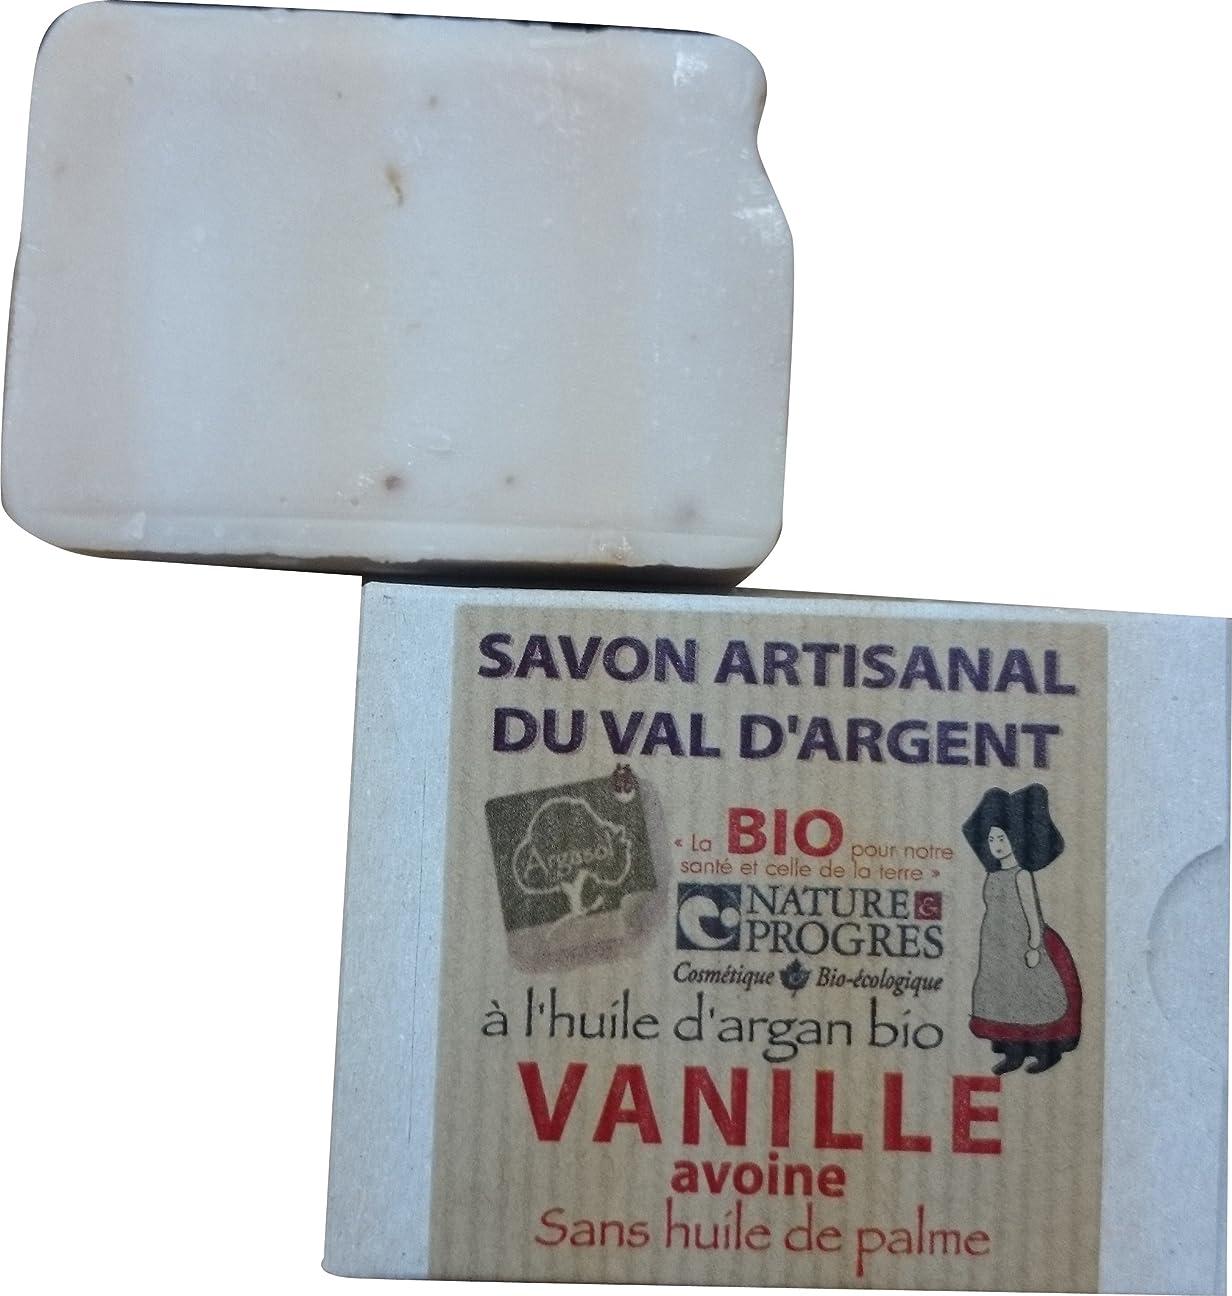 夜間バナナ競うサボン アルガソル(SAVON ARGASOL) バニラ